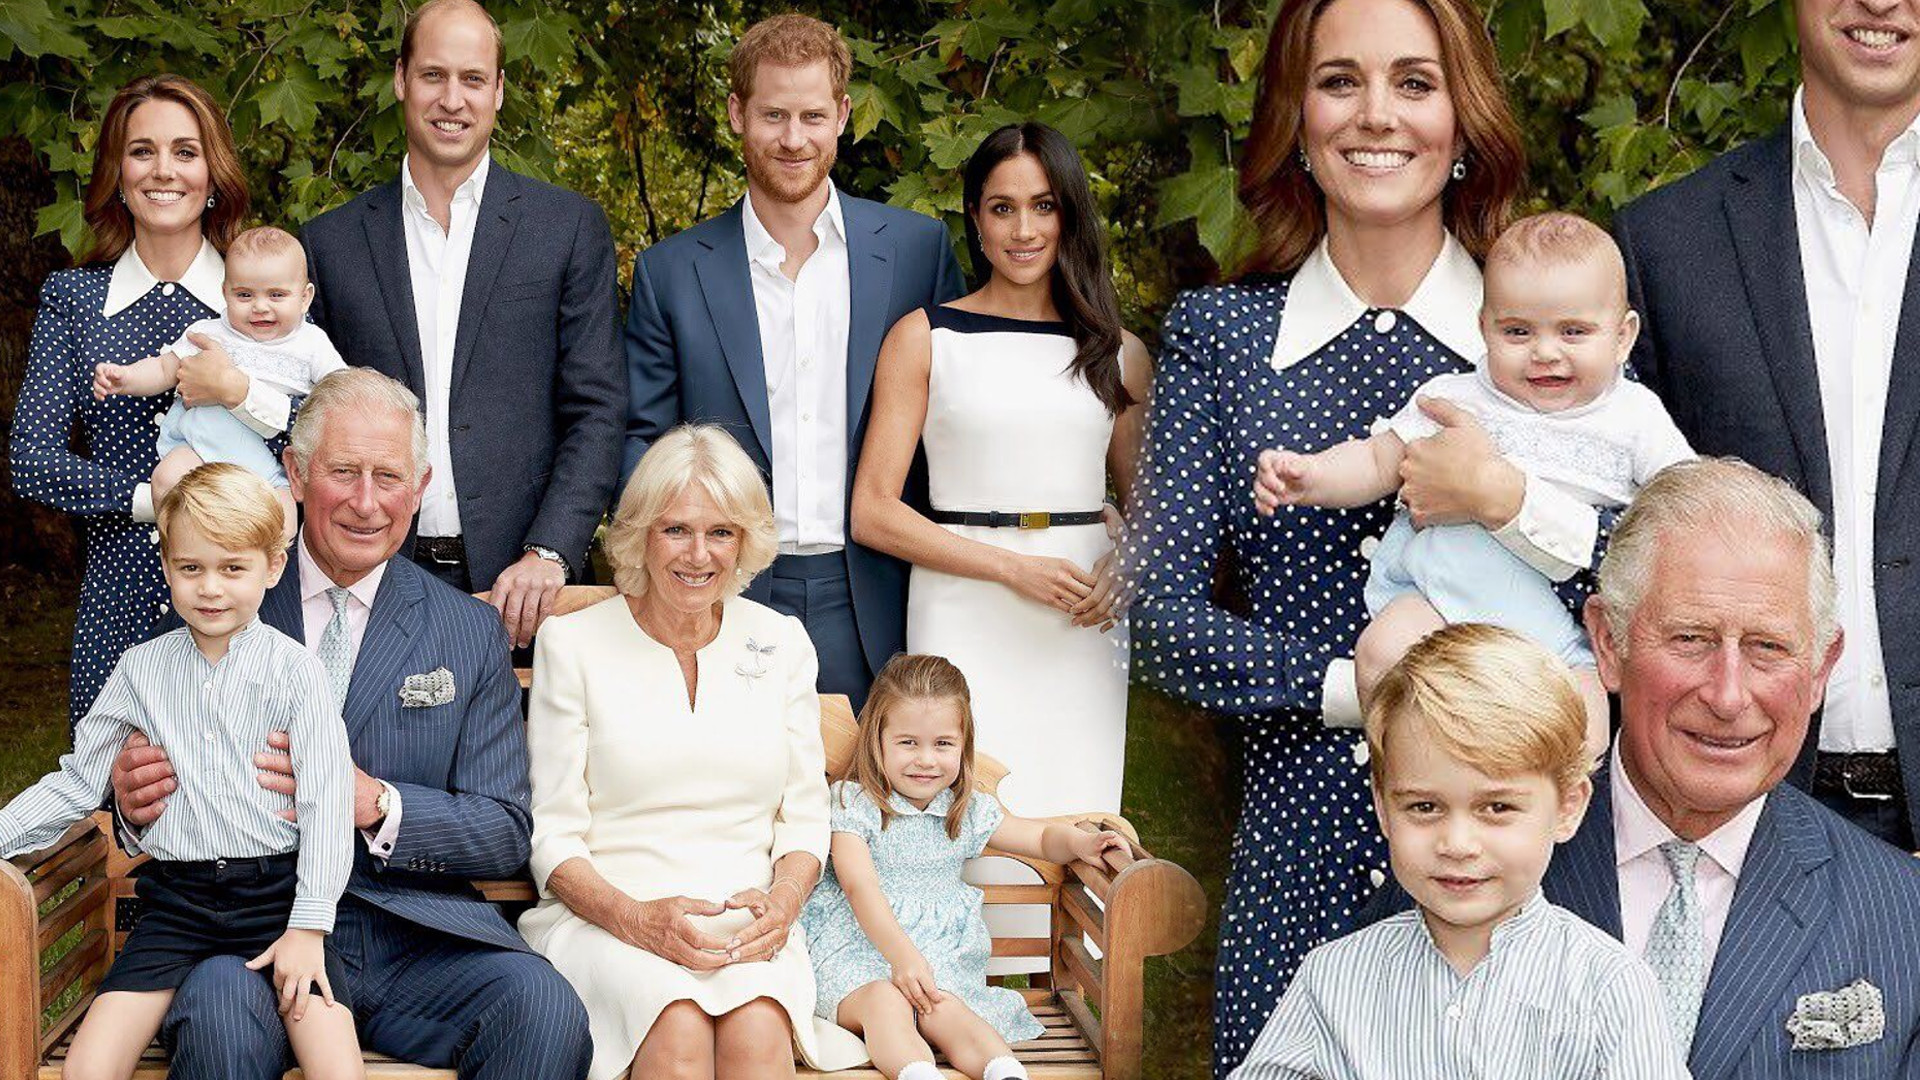 Nowe zdjęcia rodziny królewskiej z okazji 70. urodzin księcia Karola